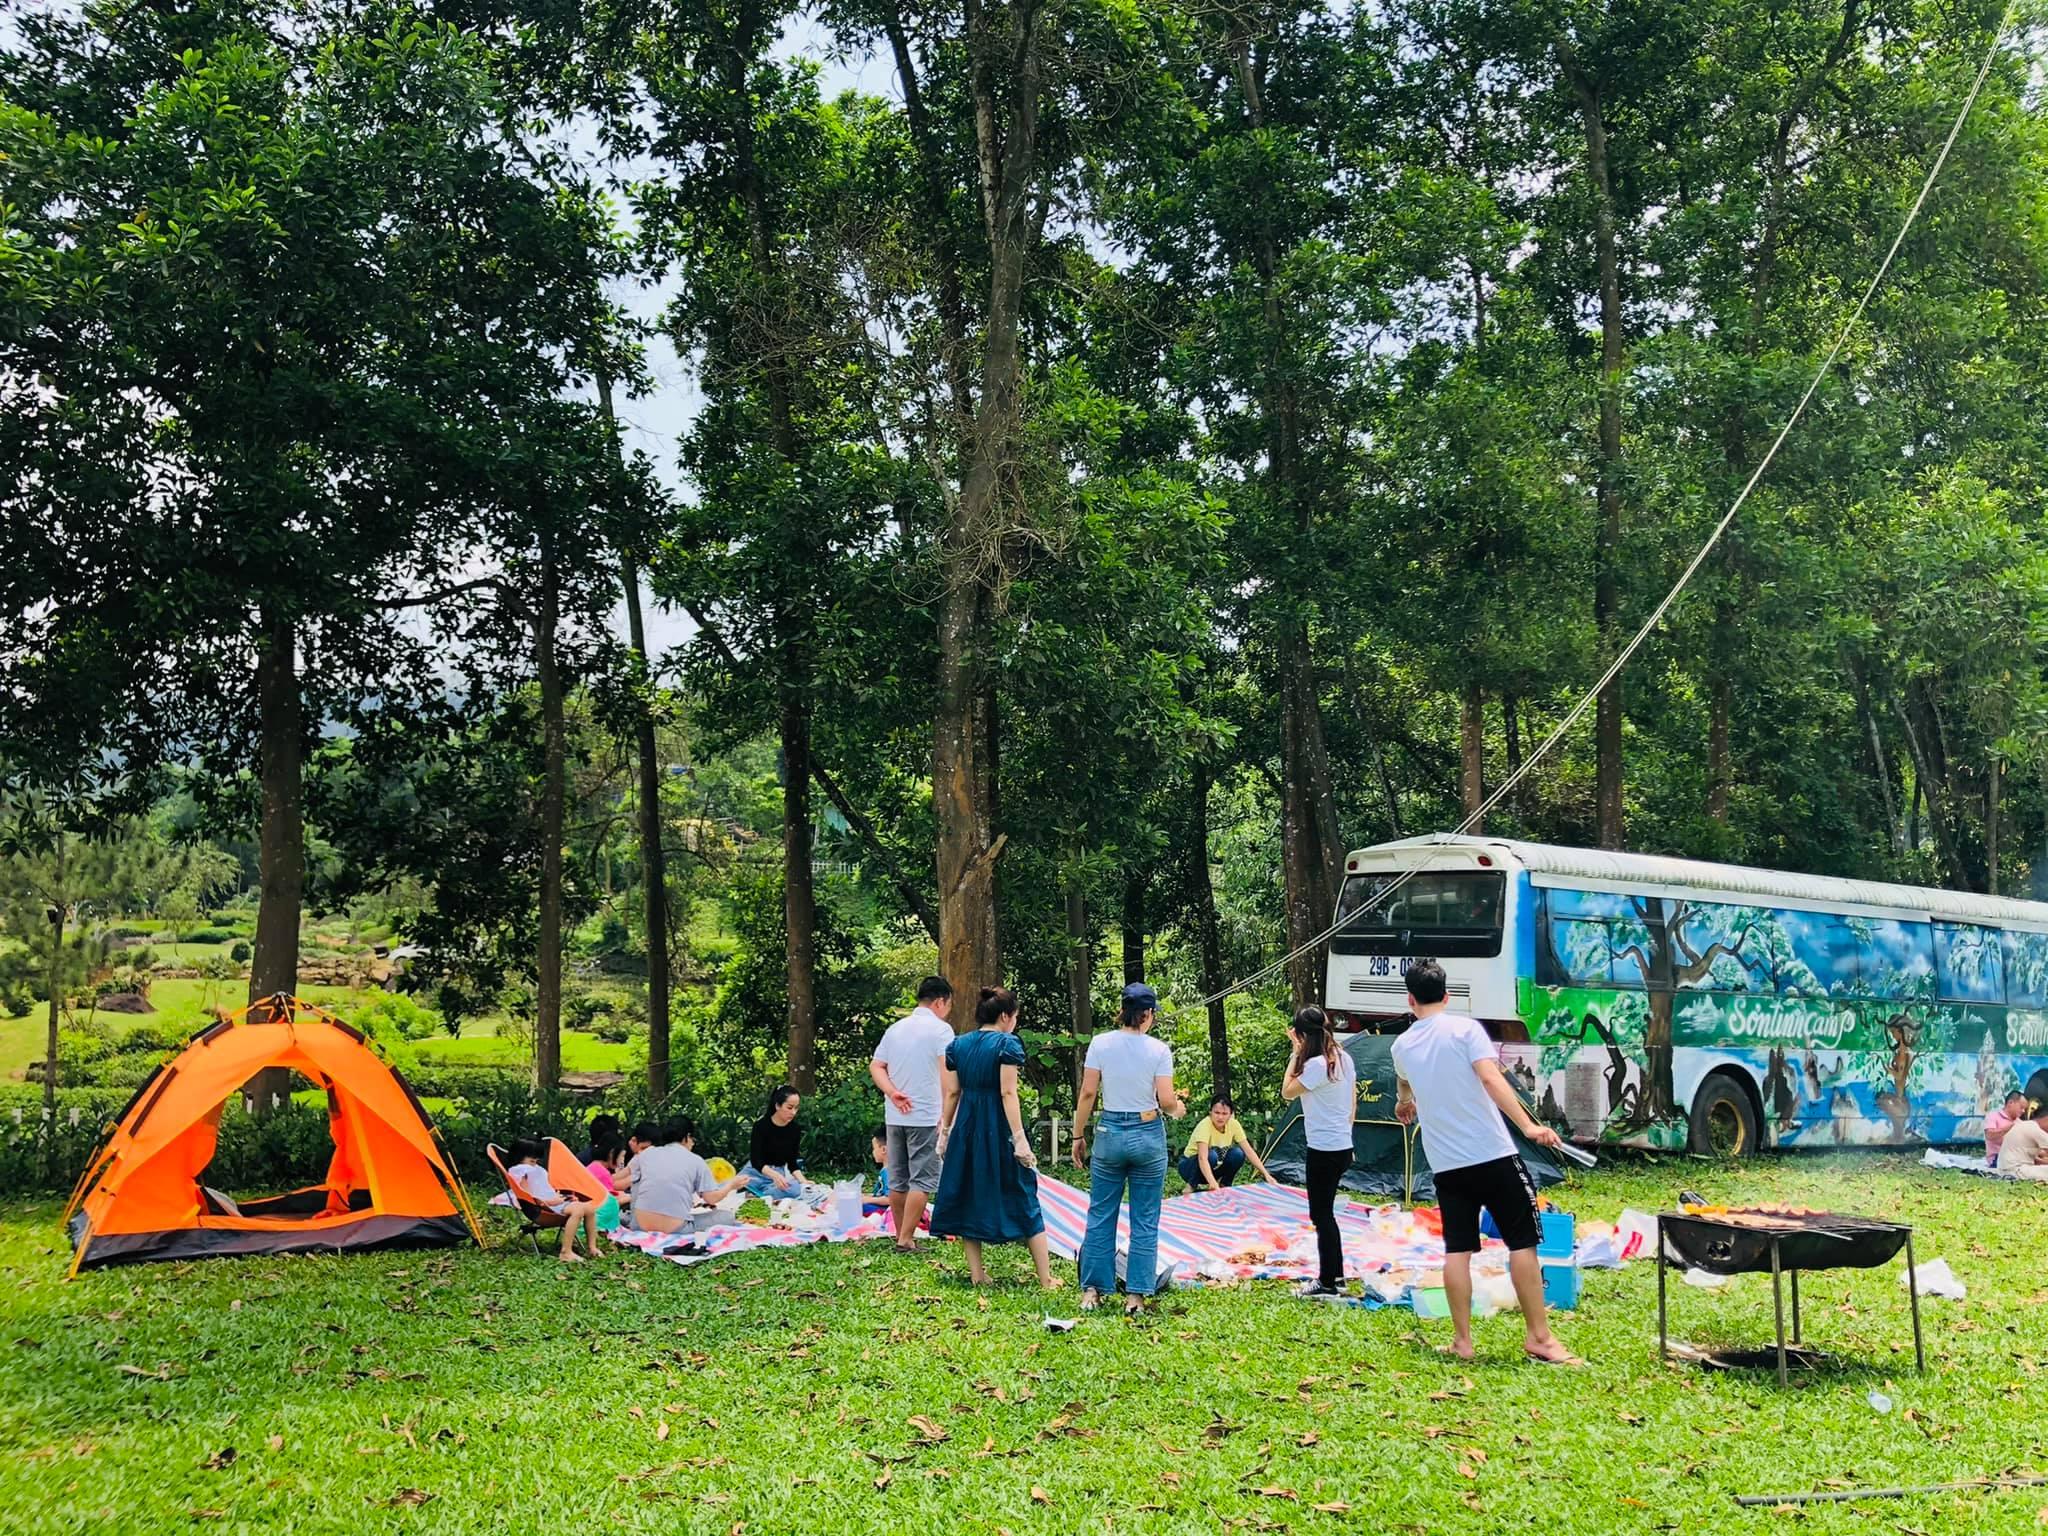 Hà Nội: Mách 3 địa điểm cắm trại cực nổi có dịch vụ trọn gói 2N1Đ cho gia đình 4 người, giá không quá 2 triệu đồng  - Ảnh 4.